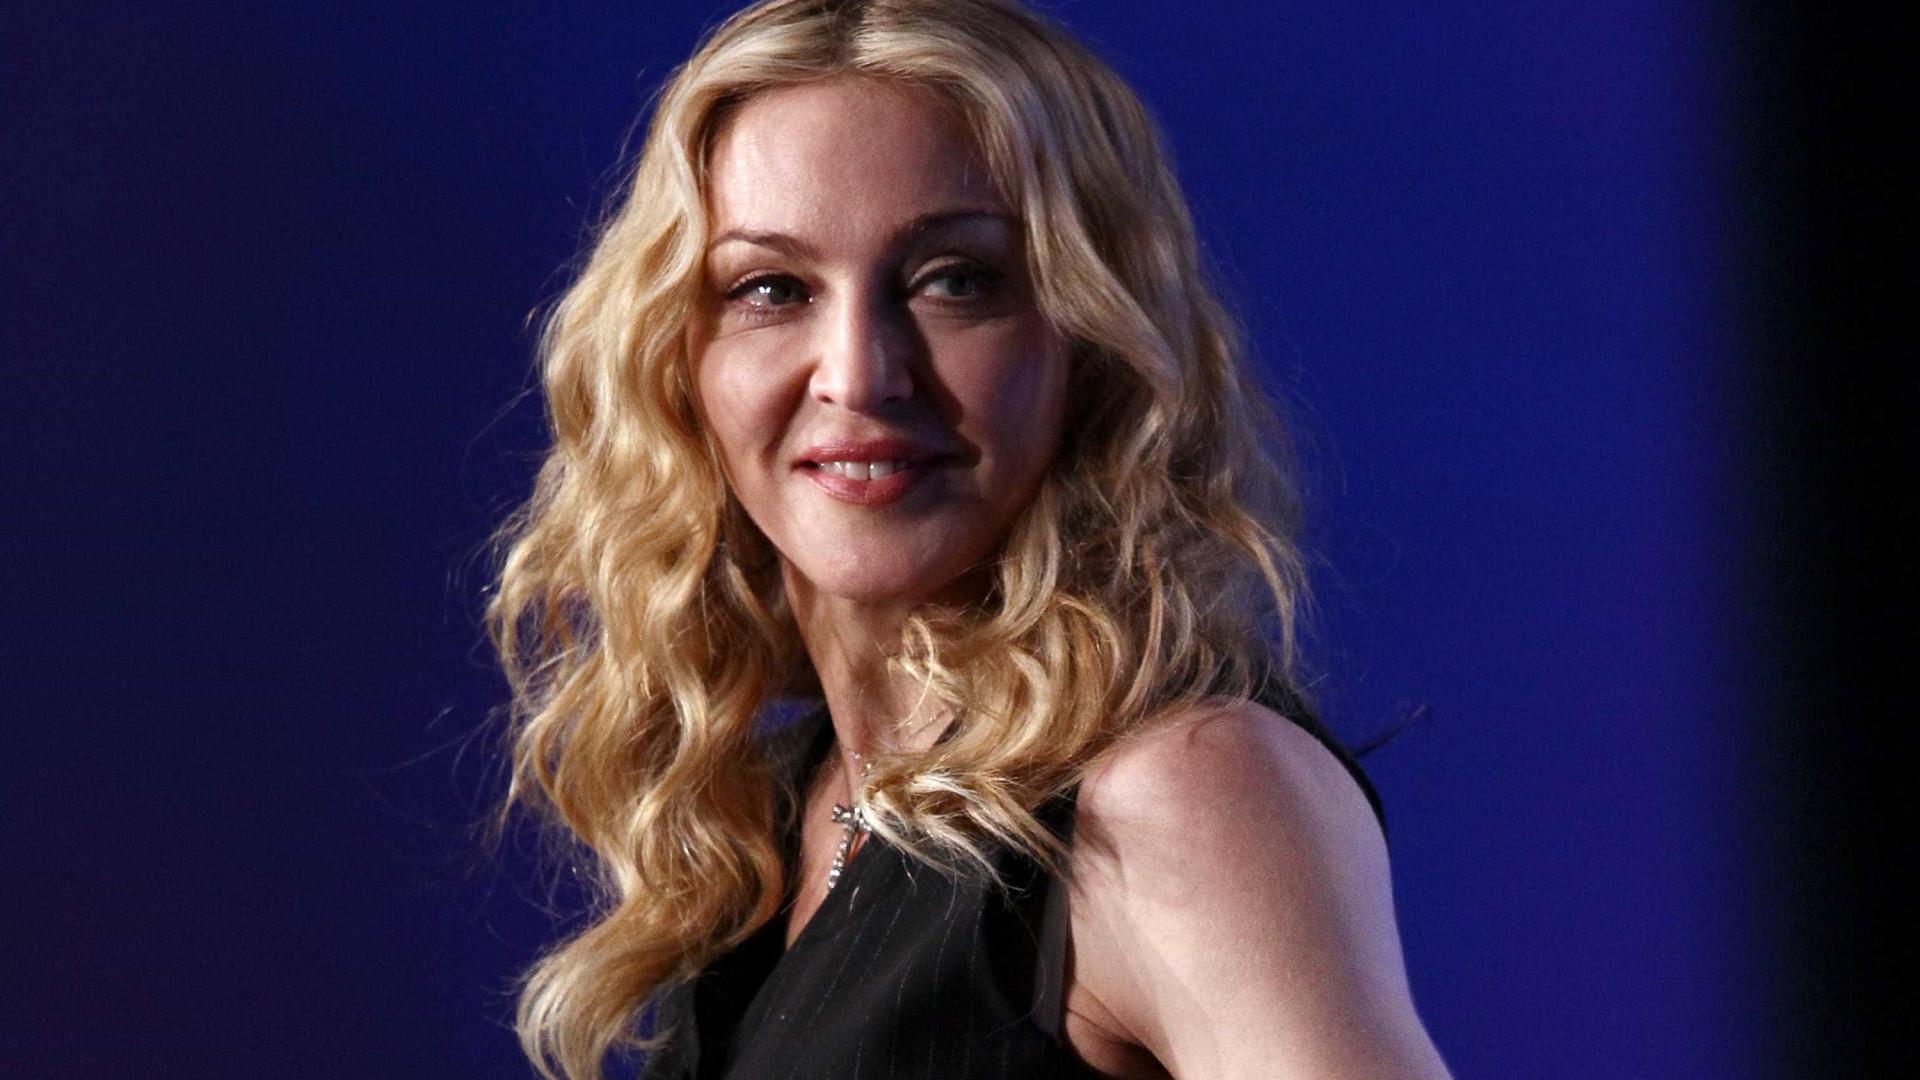 Madonna revela fantasia com Obama no 'The Tonight Show'